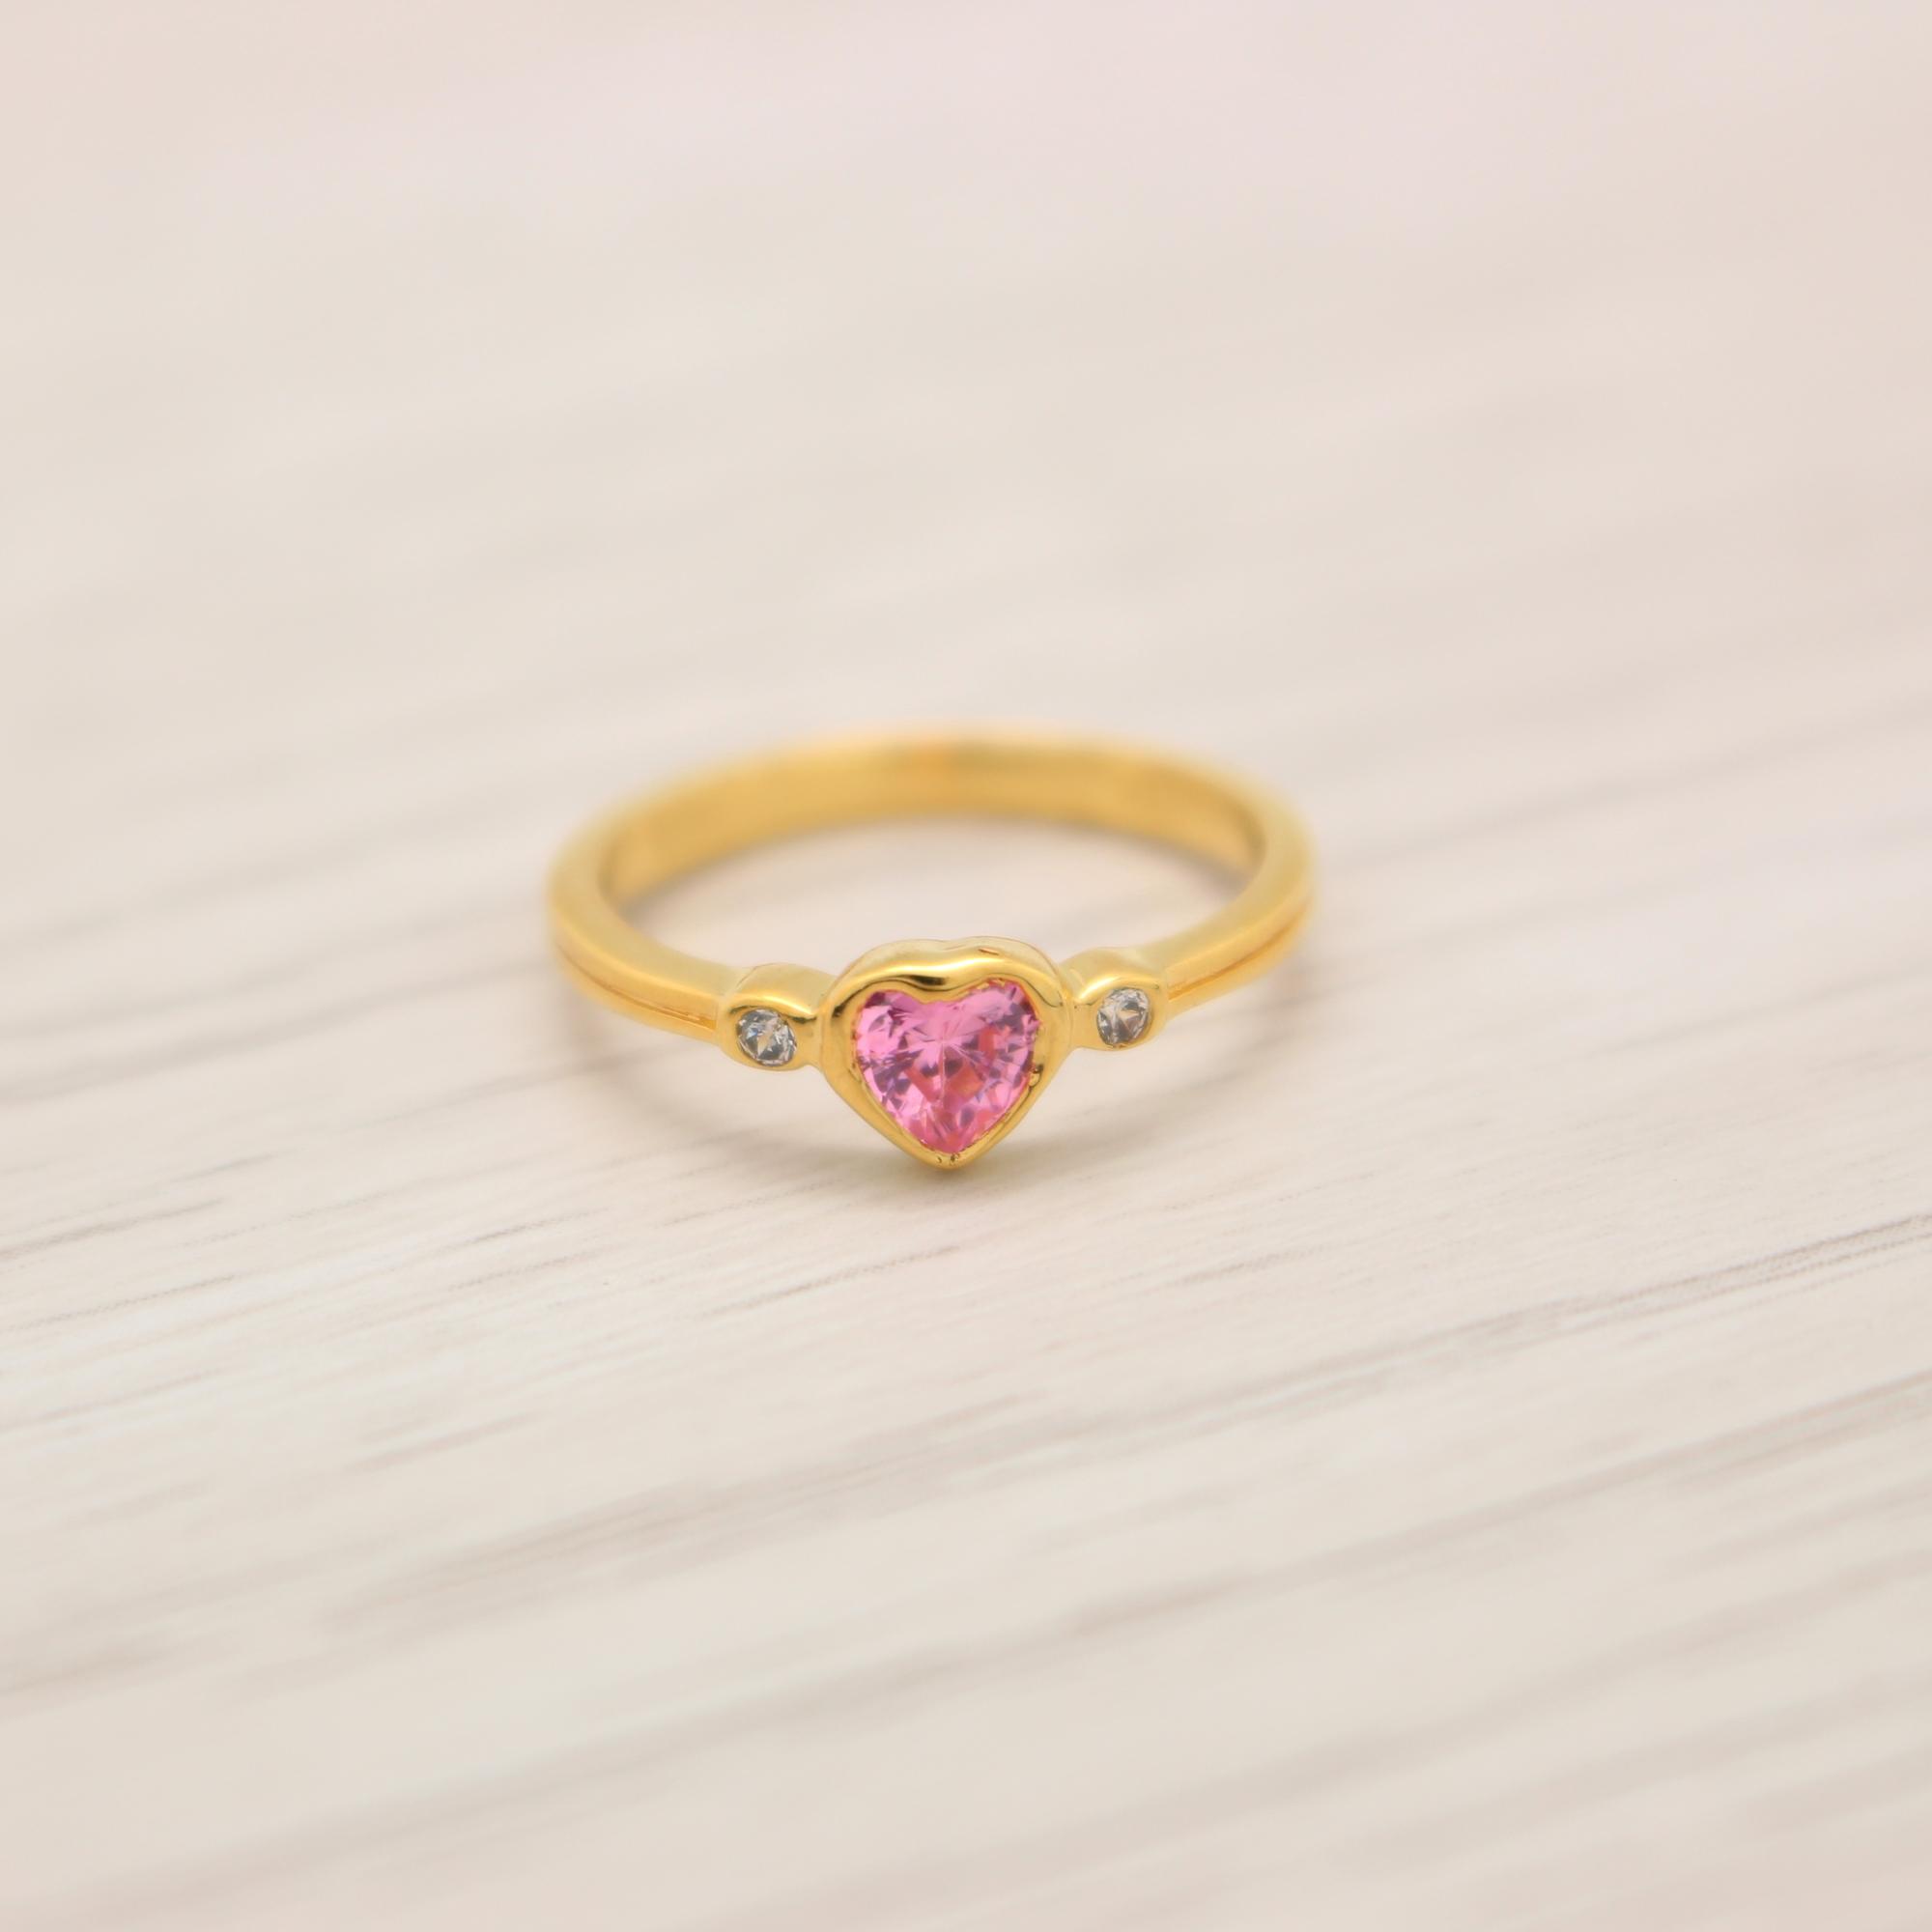 แหวนเพชรCZสีชมพู สีทองคำแท้ ไซส์ 51